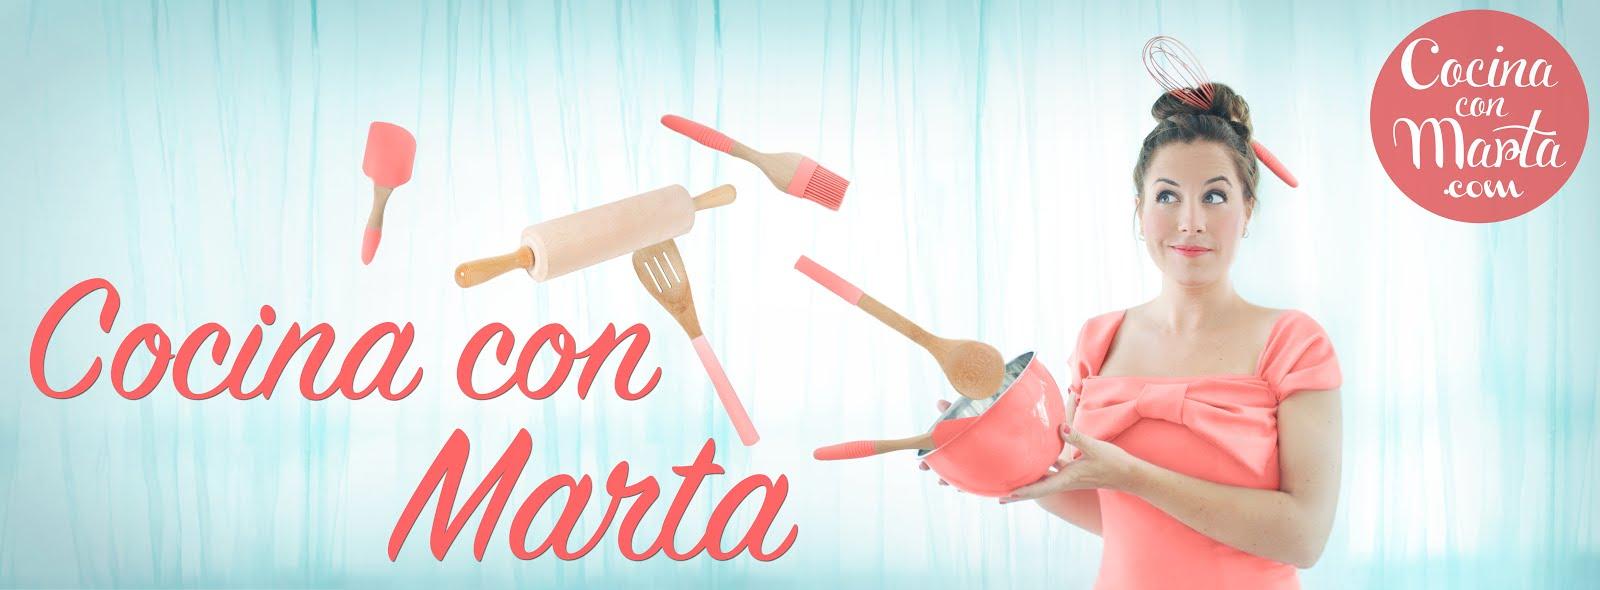 Cocina con Marta. Recetas fáciles, rápidas y caseras